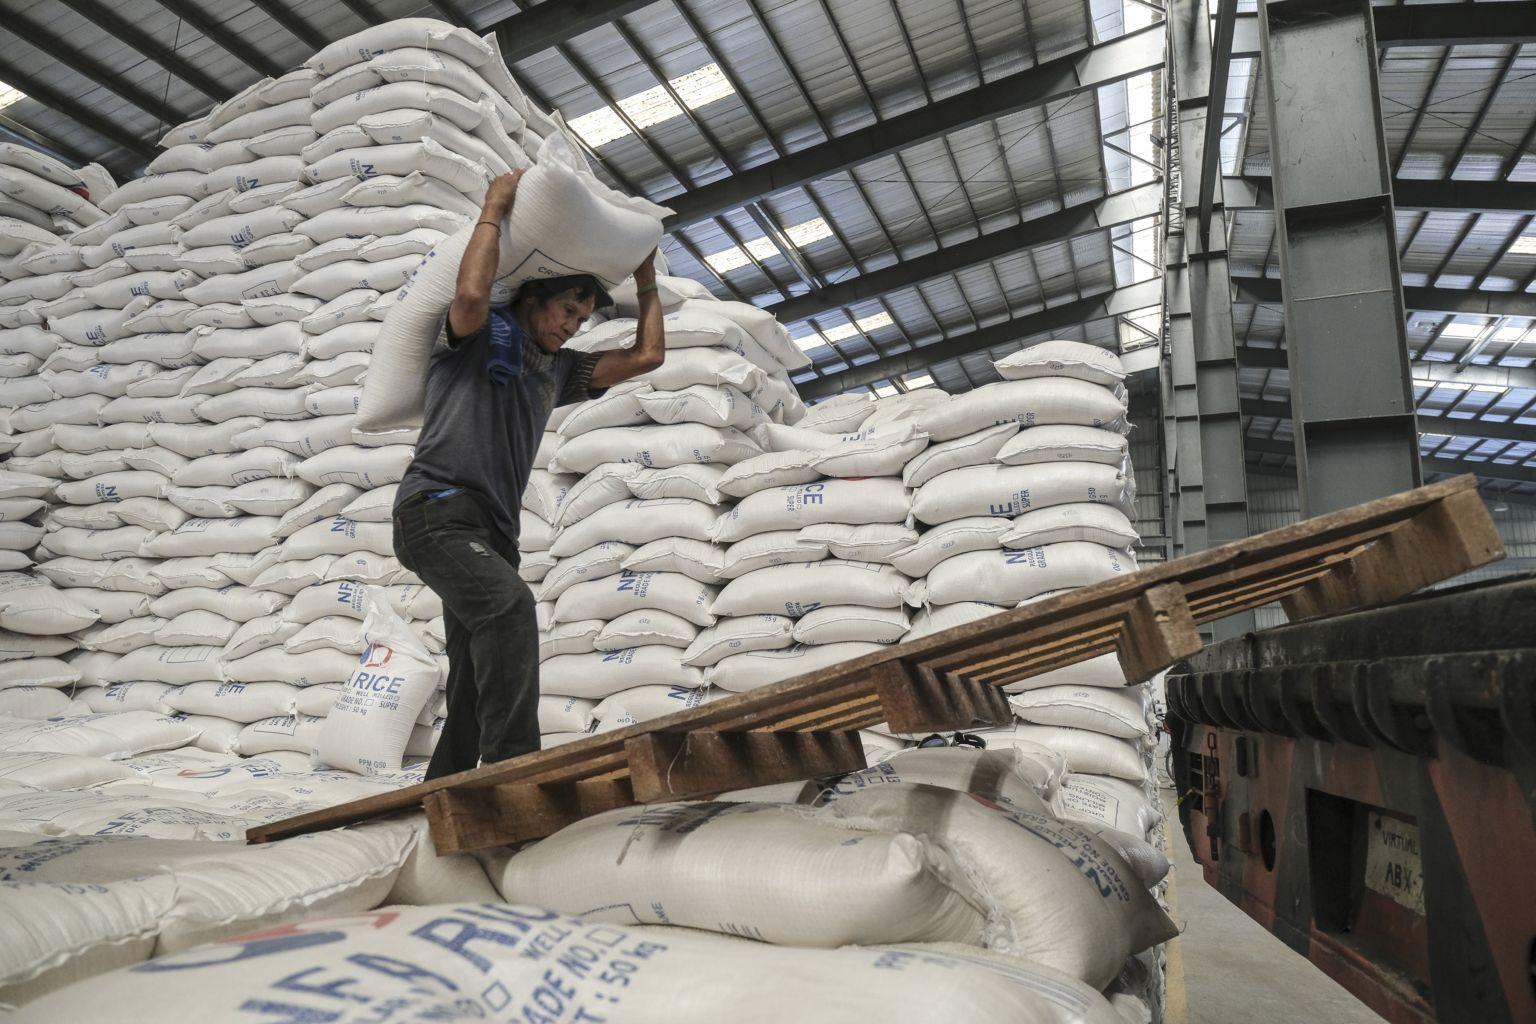 Phó Thủ tướng: Tạm ứng 100.000 tấn gạo từ hạn ngạch xuất khẩu tháng 5 cho doanh nghiệp